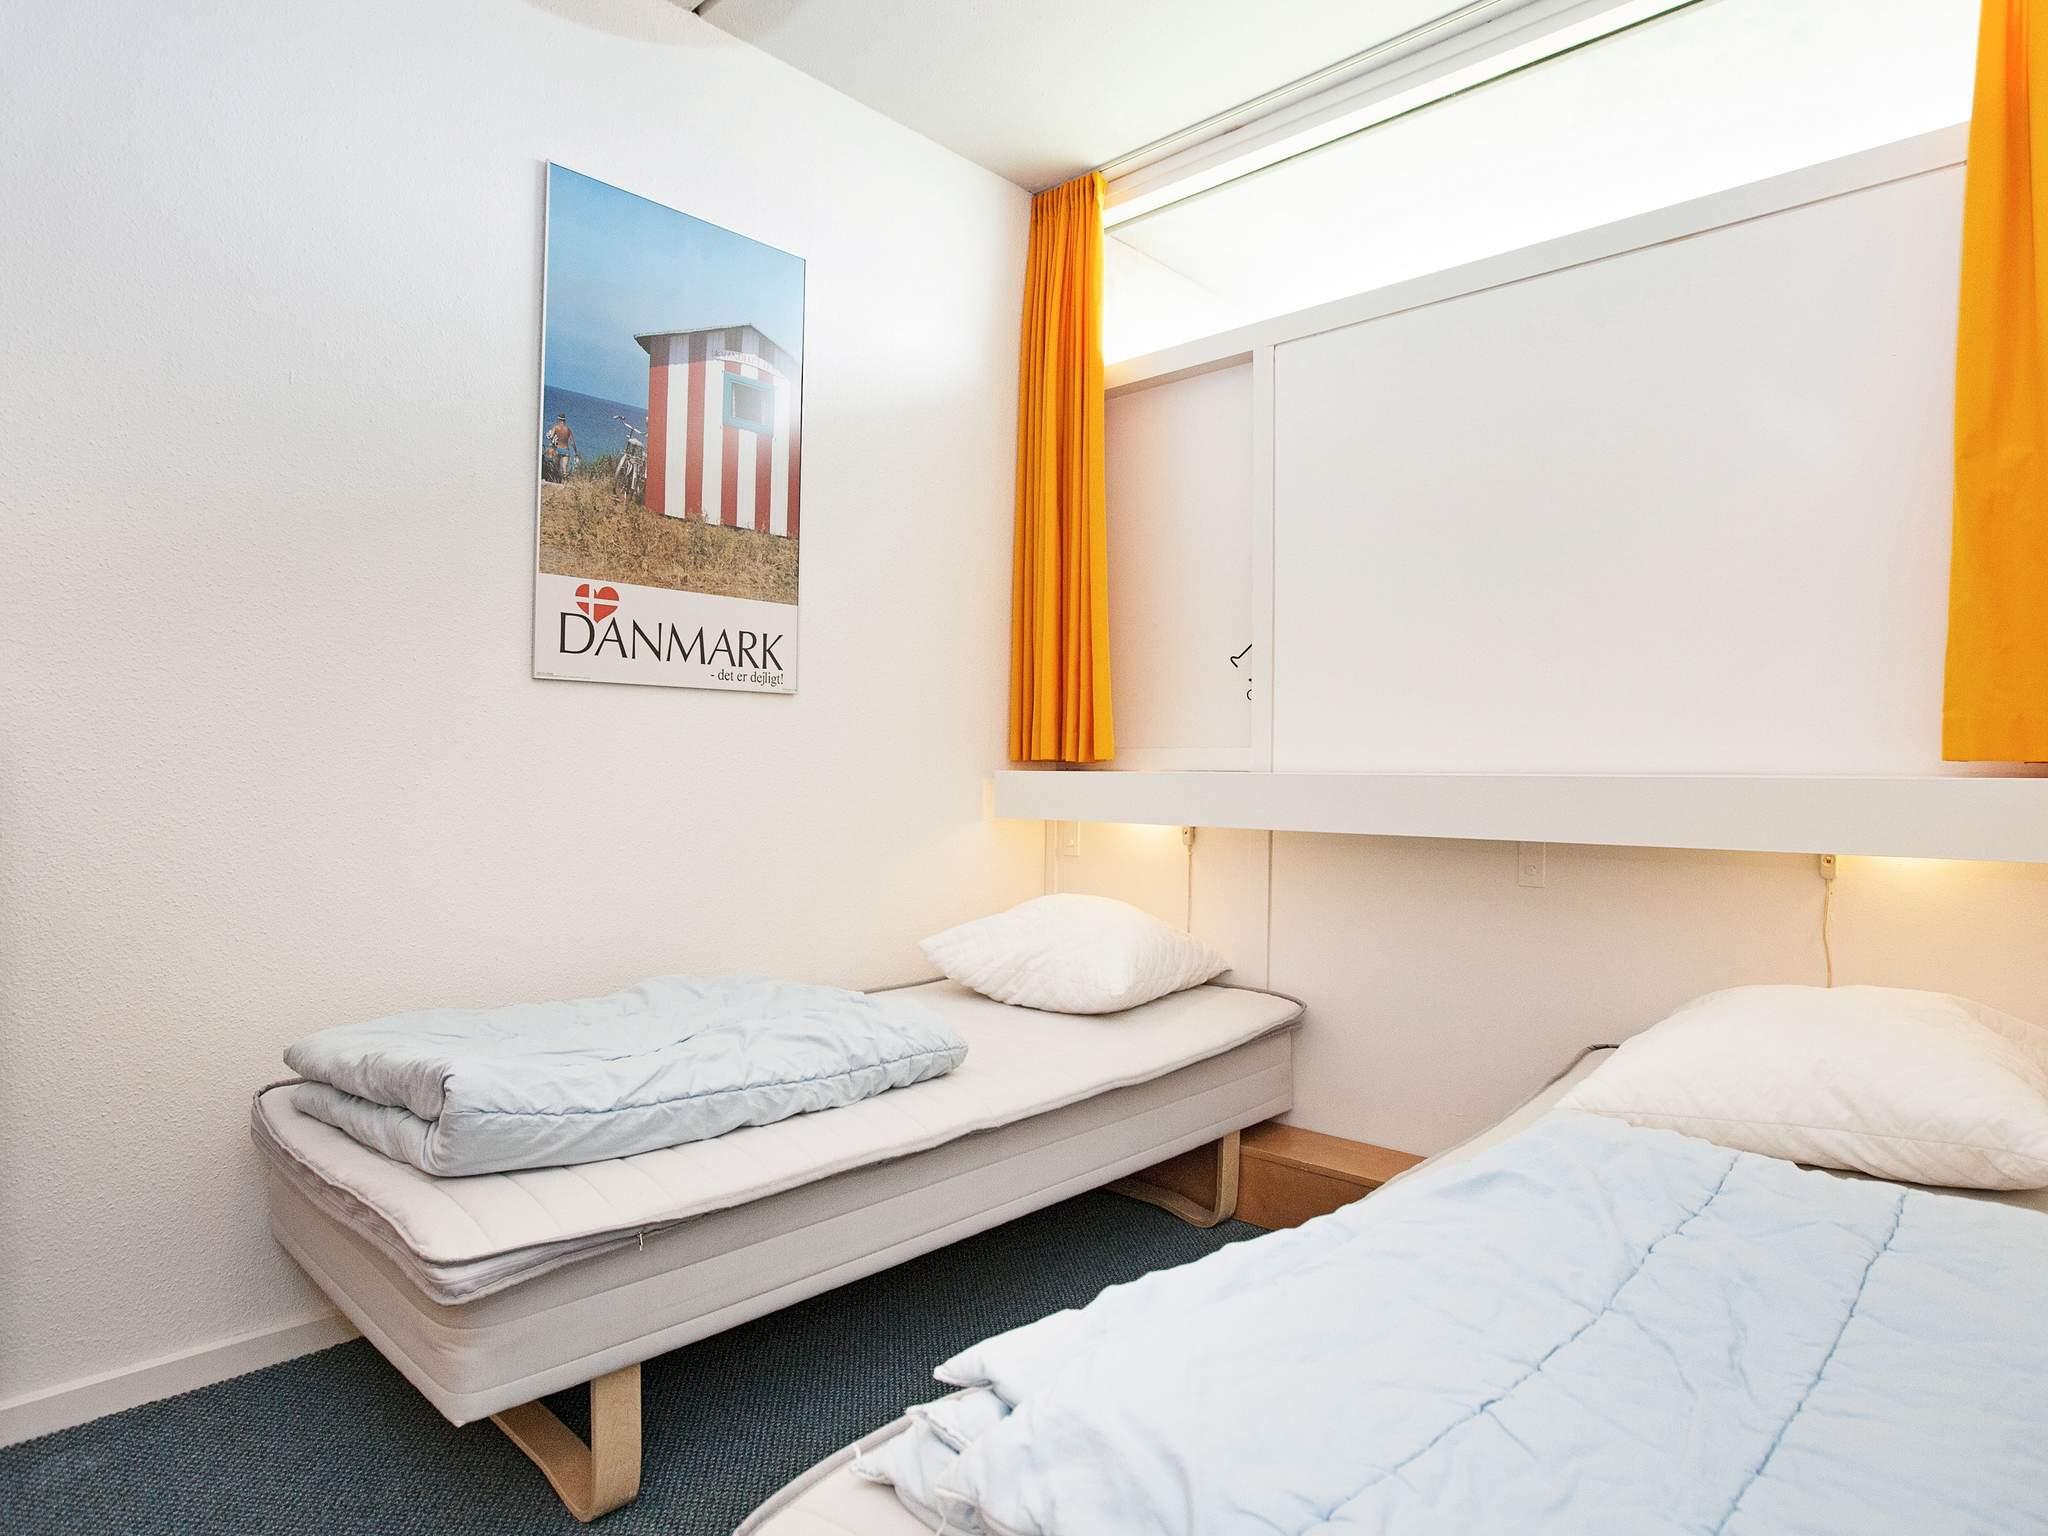 Ferienwohnung Hirtshals - Typ 1 - 2 Zimmer m/Meerblick (382686), Hirtshals, , Nordwestjütland, Dänemark, Bild 8